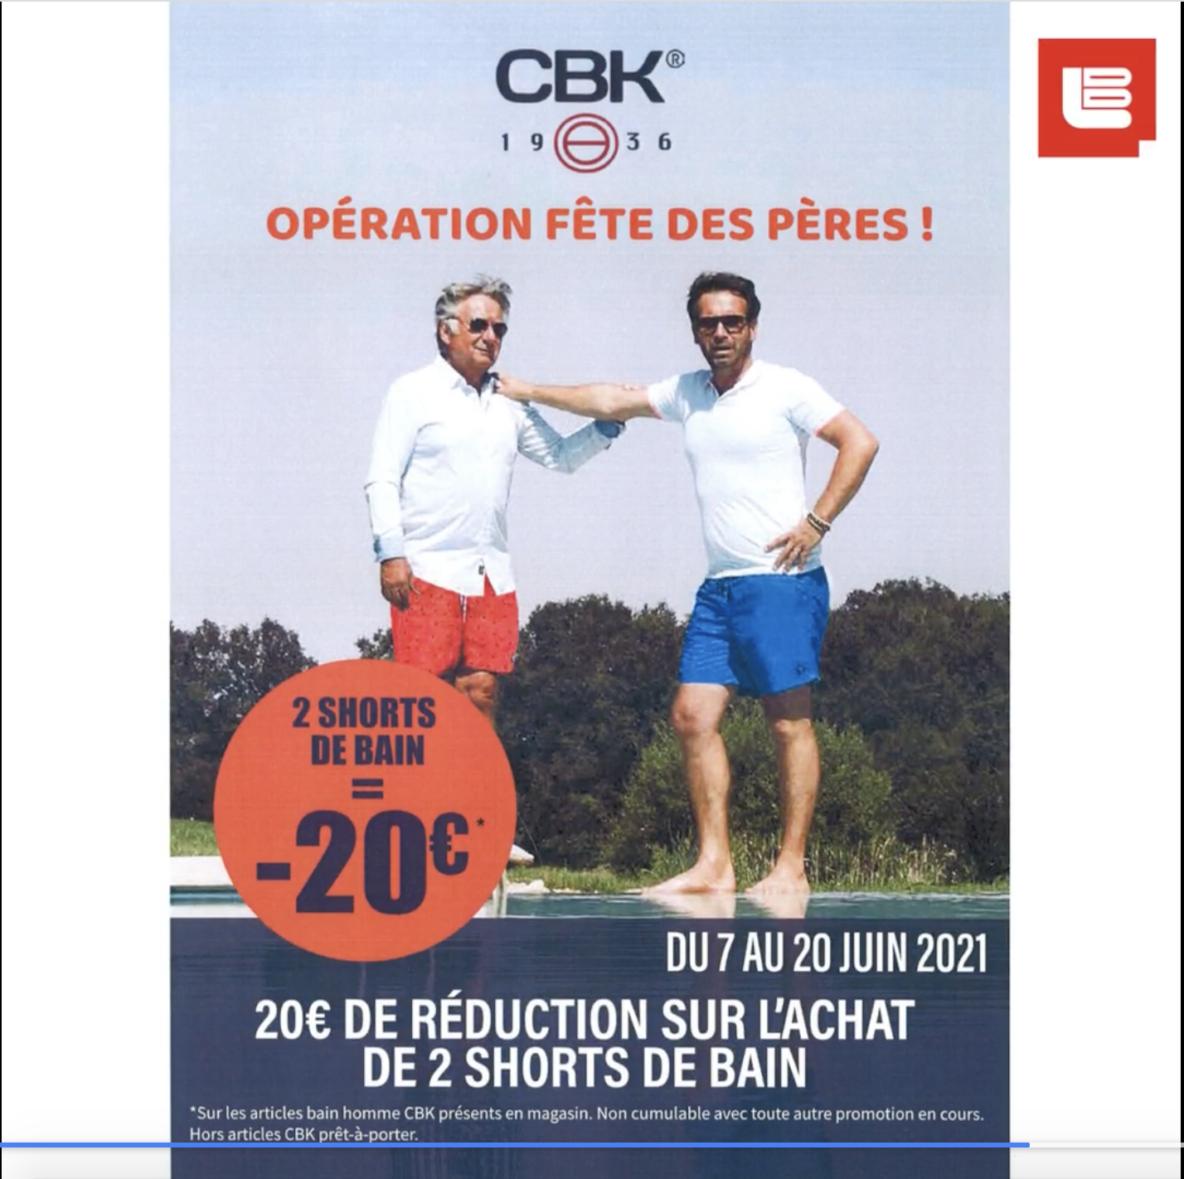 offre cbk